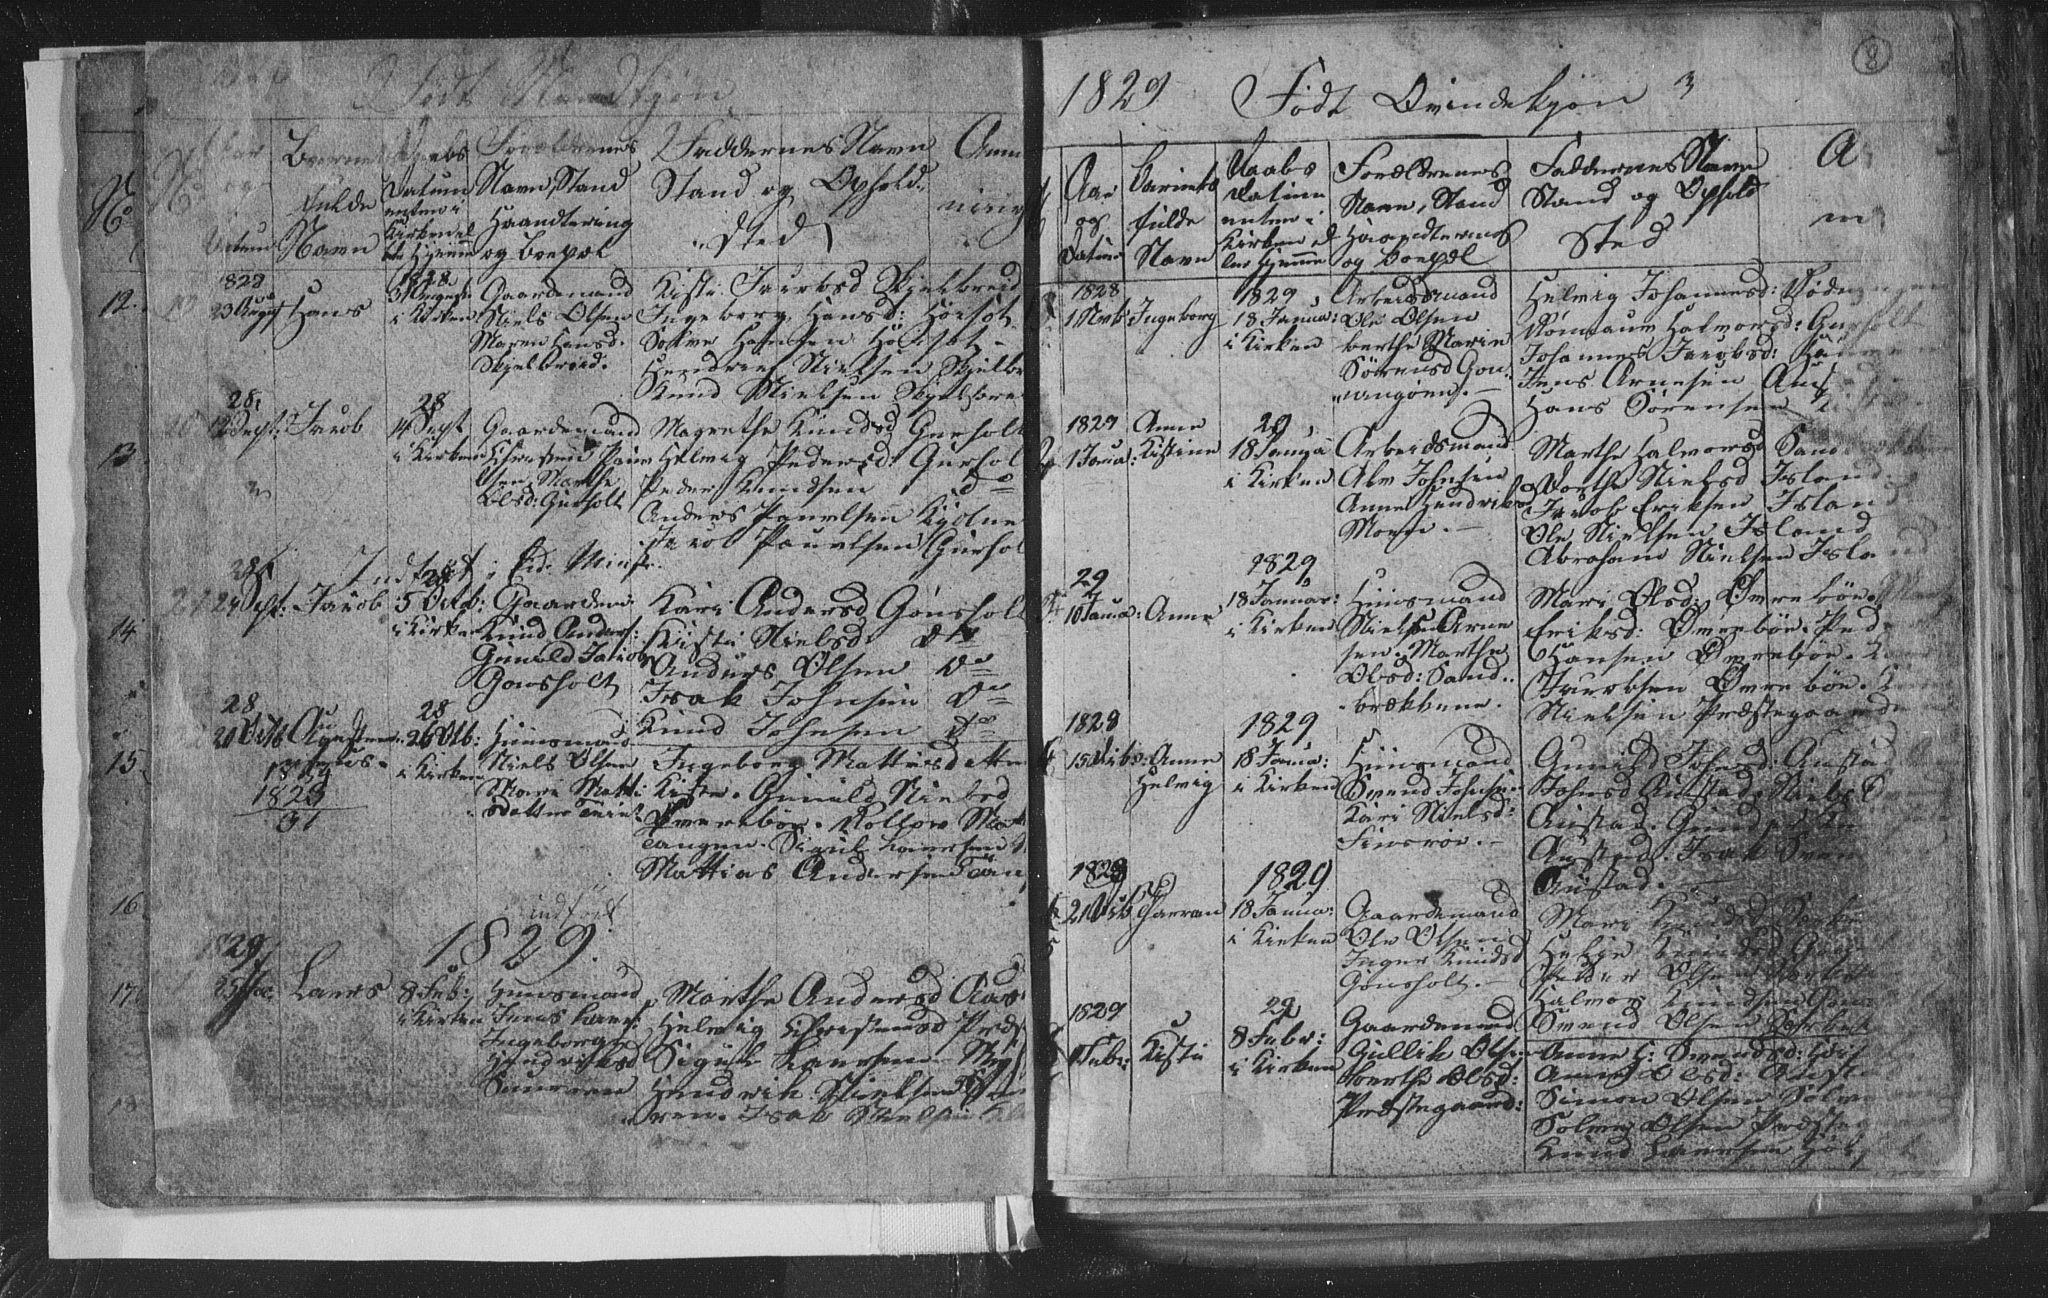 SAKO, Siljan kirkebøker, G/Ga/L0001: Klokkerbok nr. 1, 1827-1847, s. 8